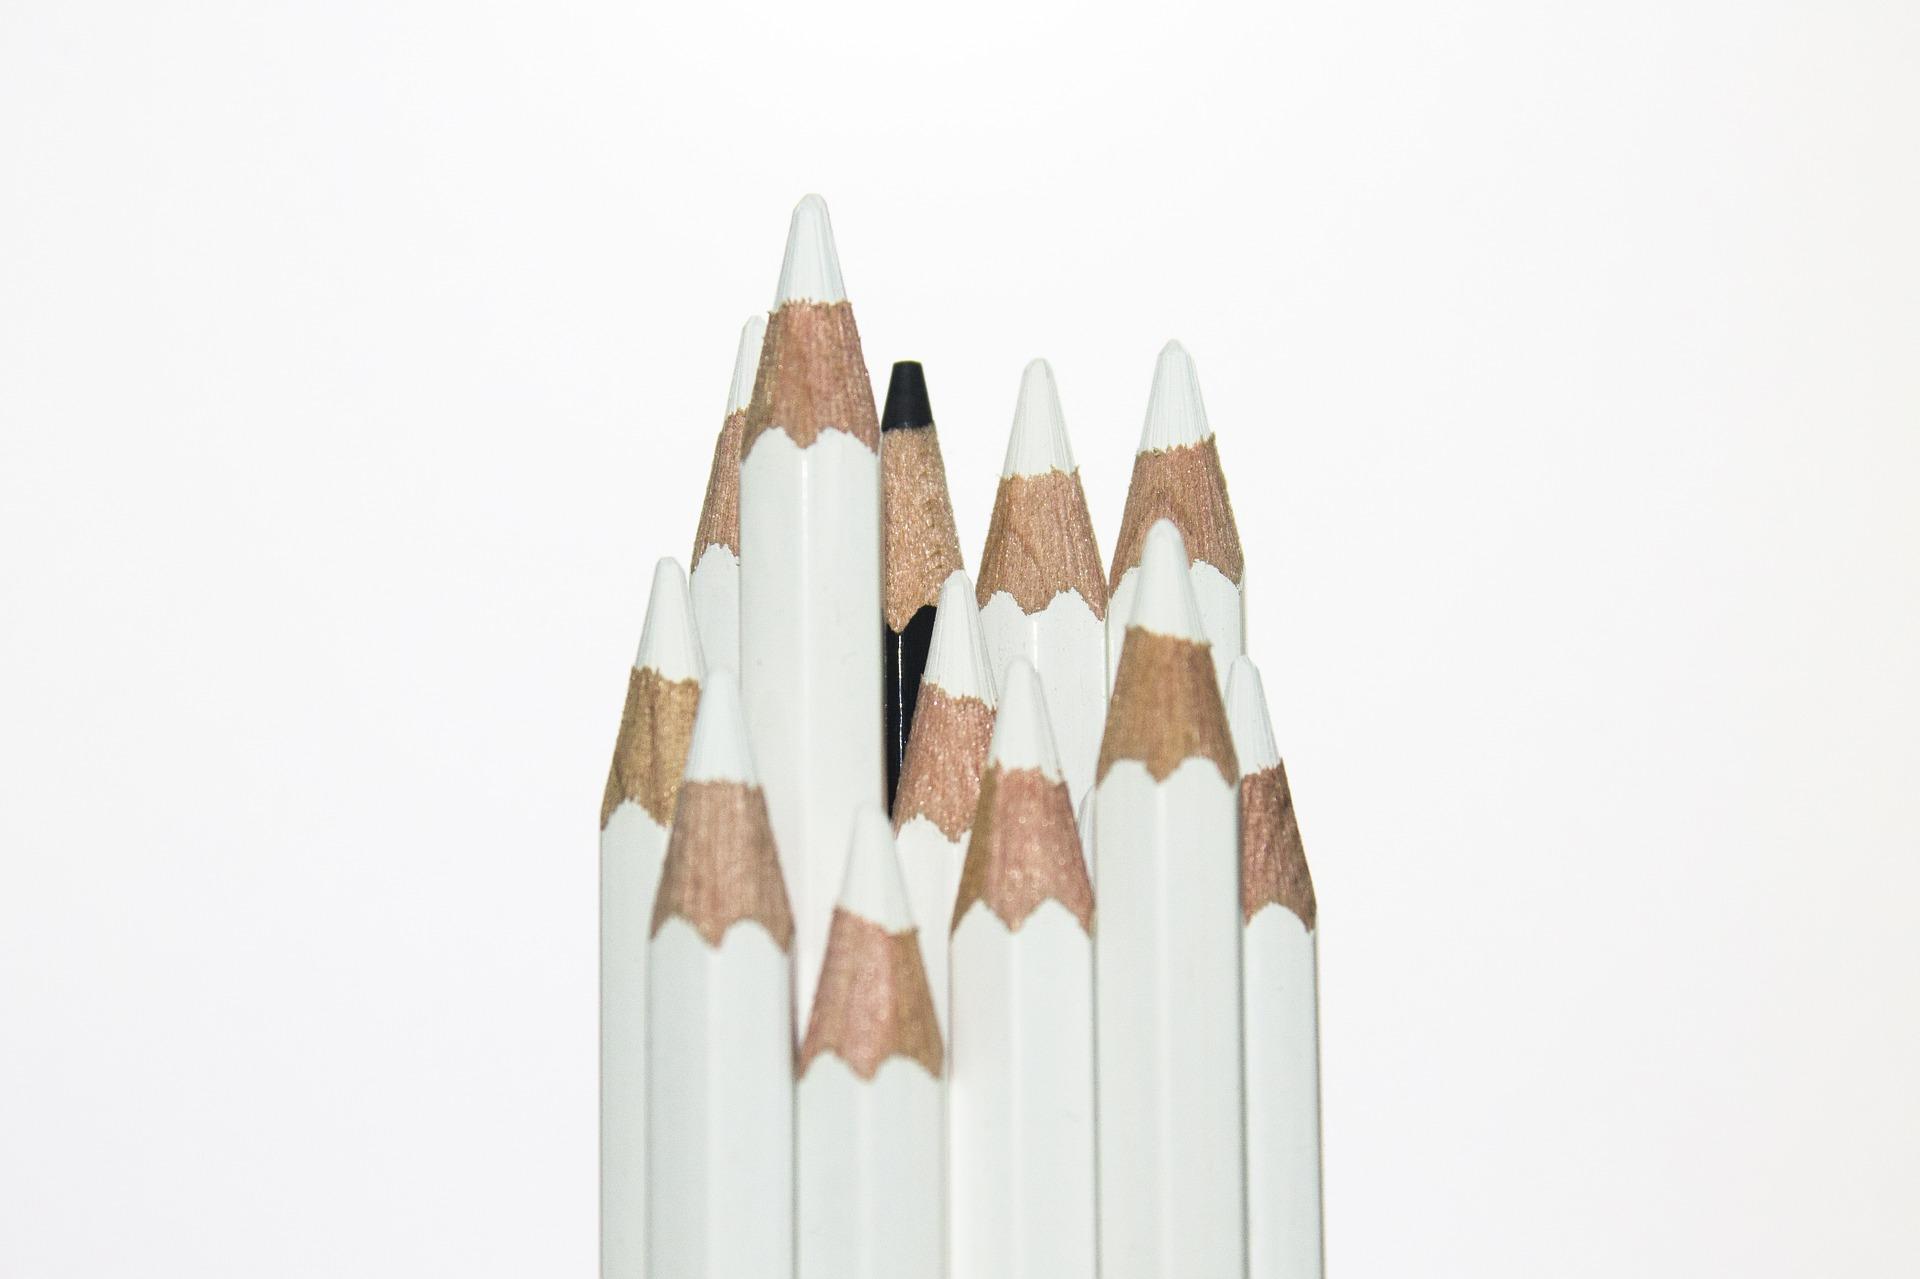 Organiserad Rasism och Skrivbordsprodukter 7